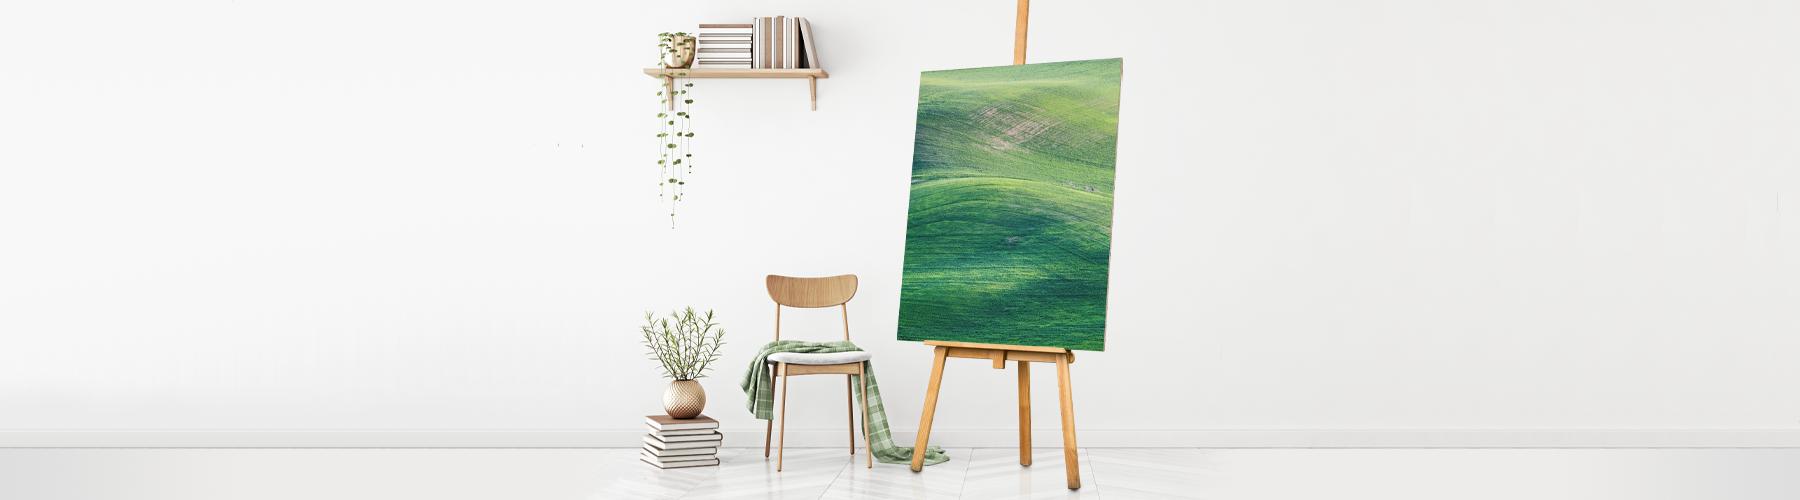 Comment accrocher facilement sa toile sur son mur